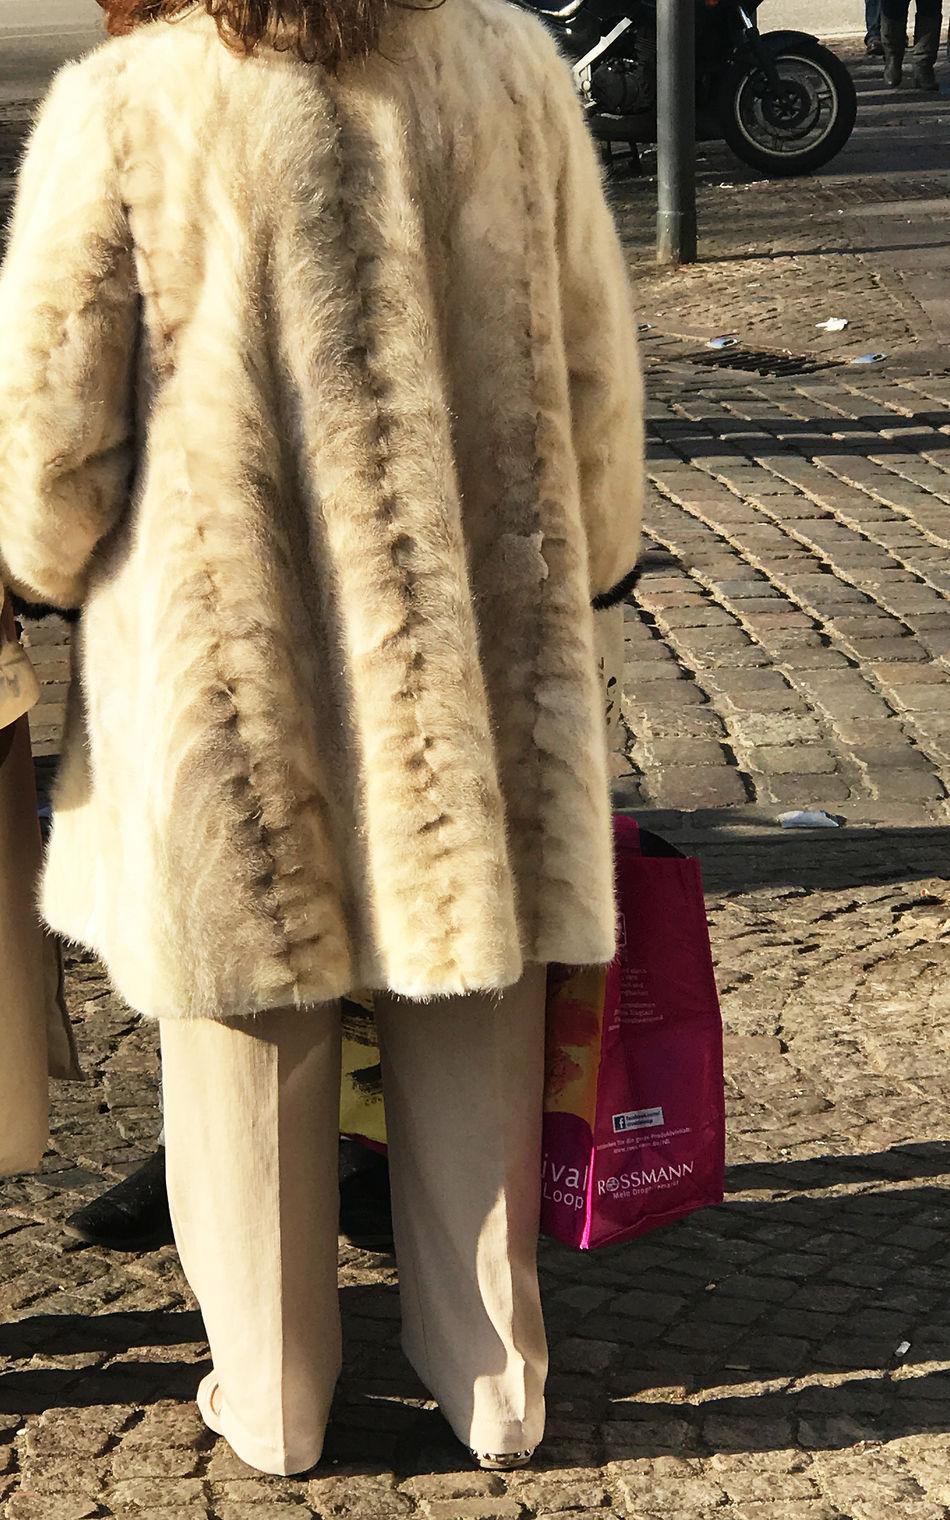 female model wearing a fur coat woman in fur coat Beauty Eleganz Elégance Fame Fashion Fell Female Frau Fur Fur Coat Fur Jacket Lifestyle Luxury Luxus Mode Pelz Pelzjacke Pelzmantel Schönheit Sinnlichkeit Stil Trendy Winter Winter Coat Wintermantel